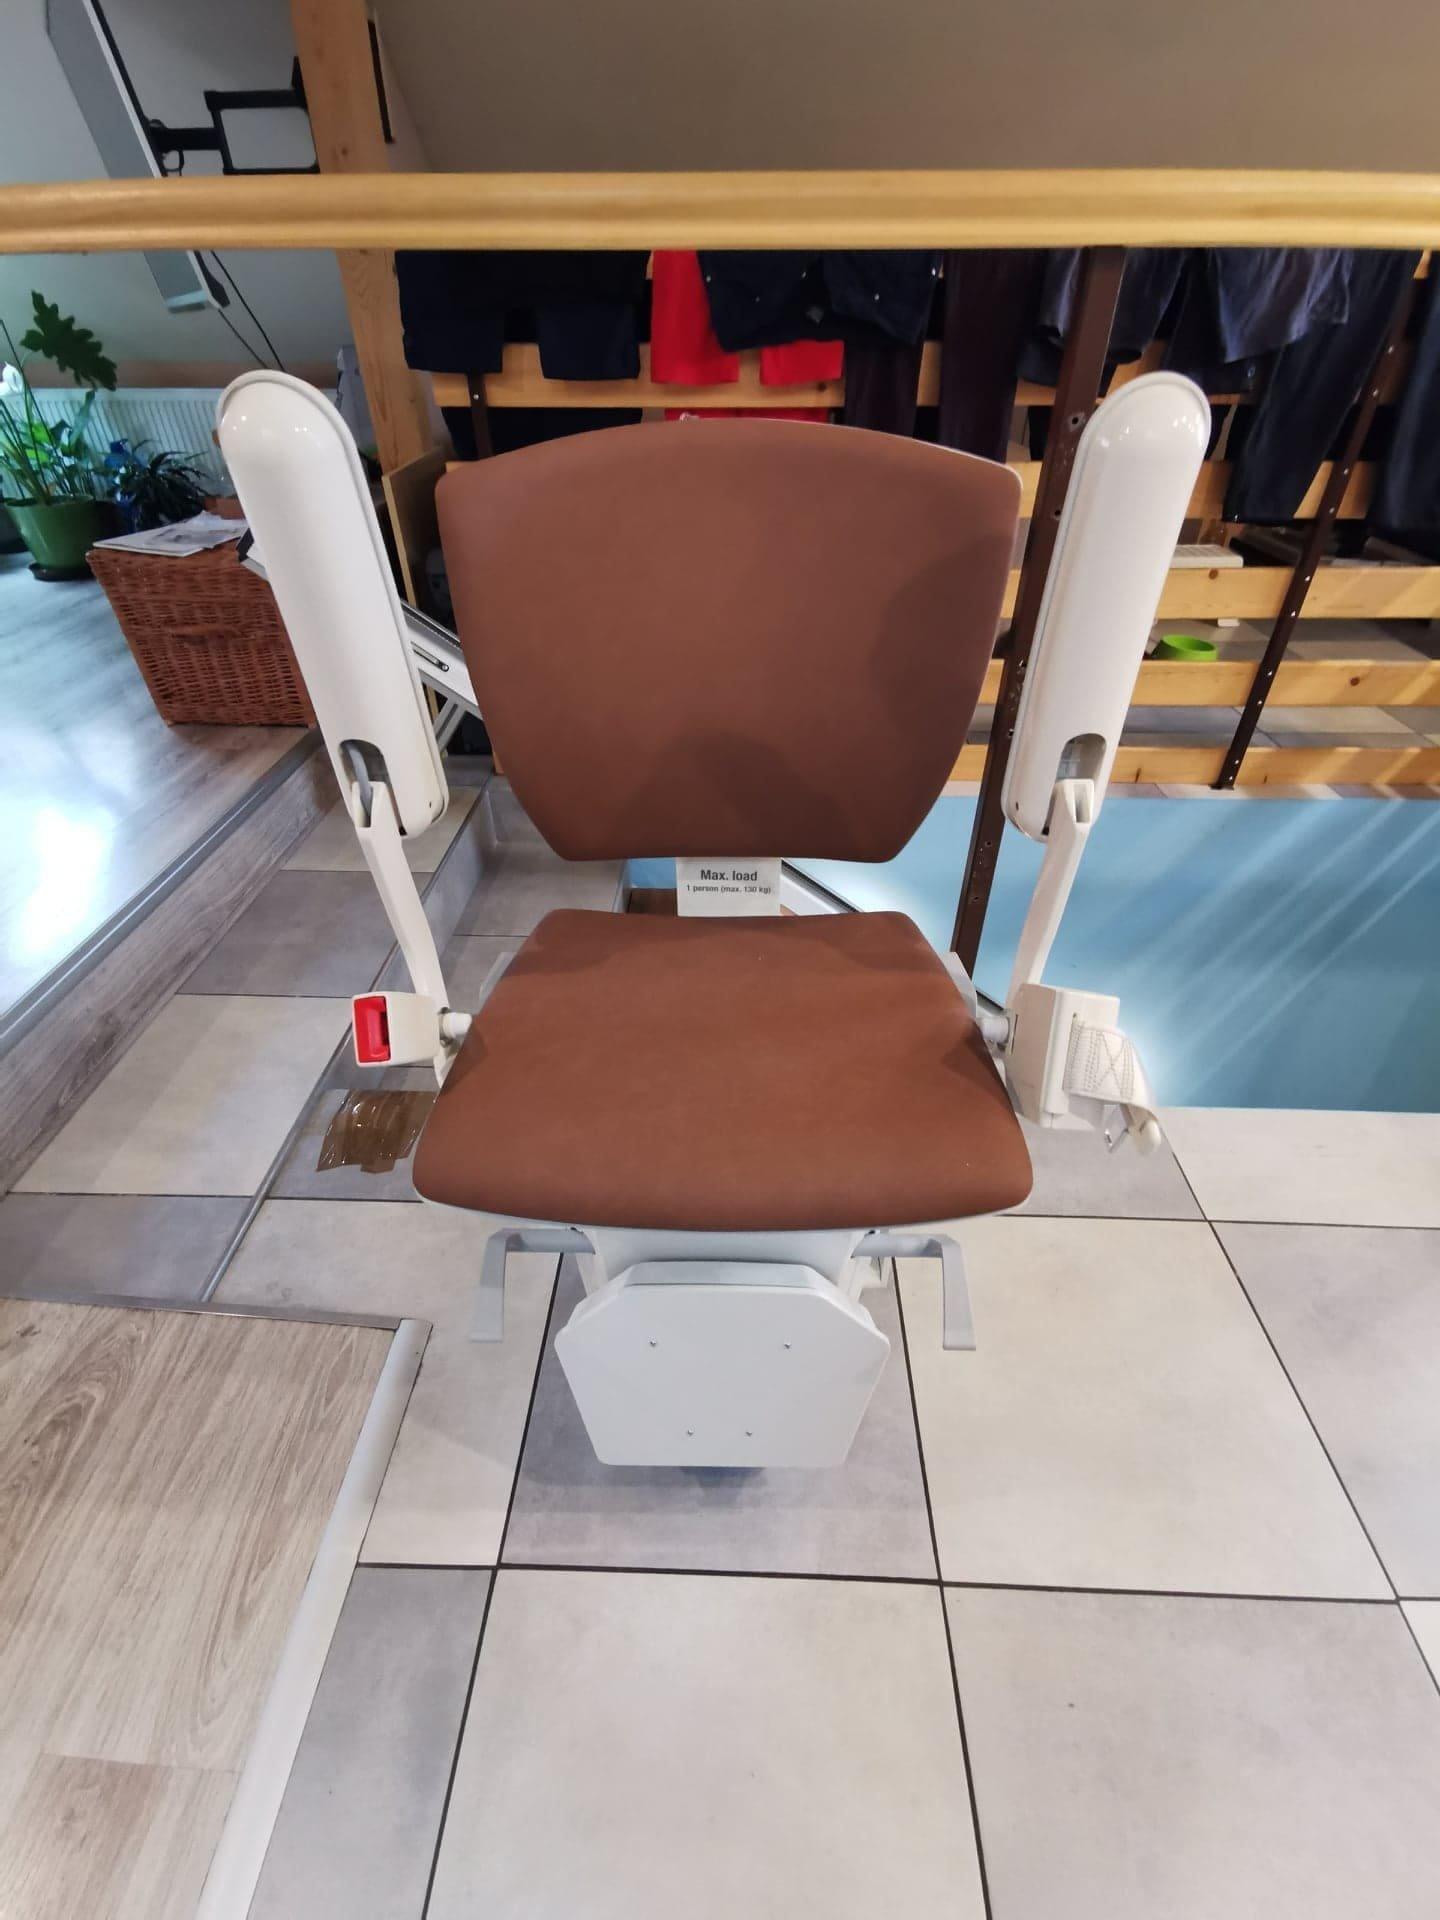 krzesełko przyschodowe dla seniora